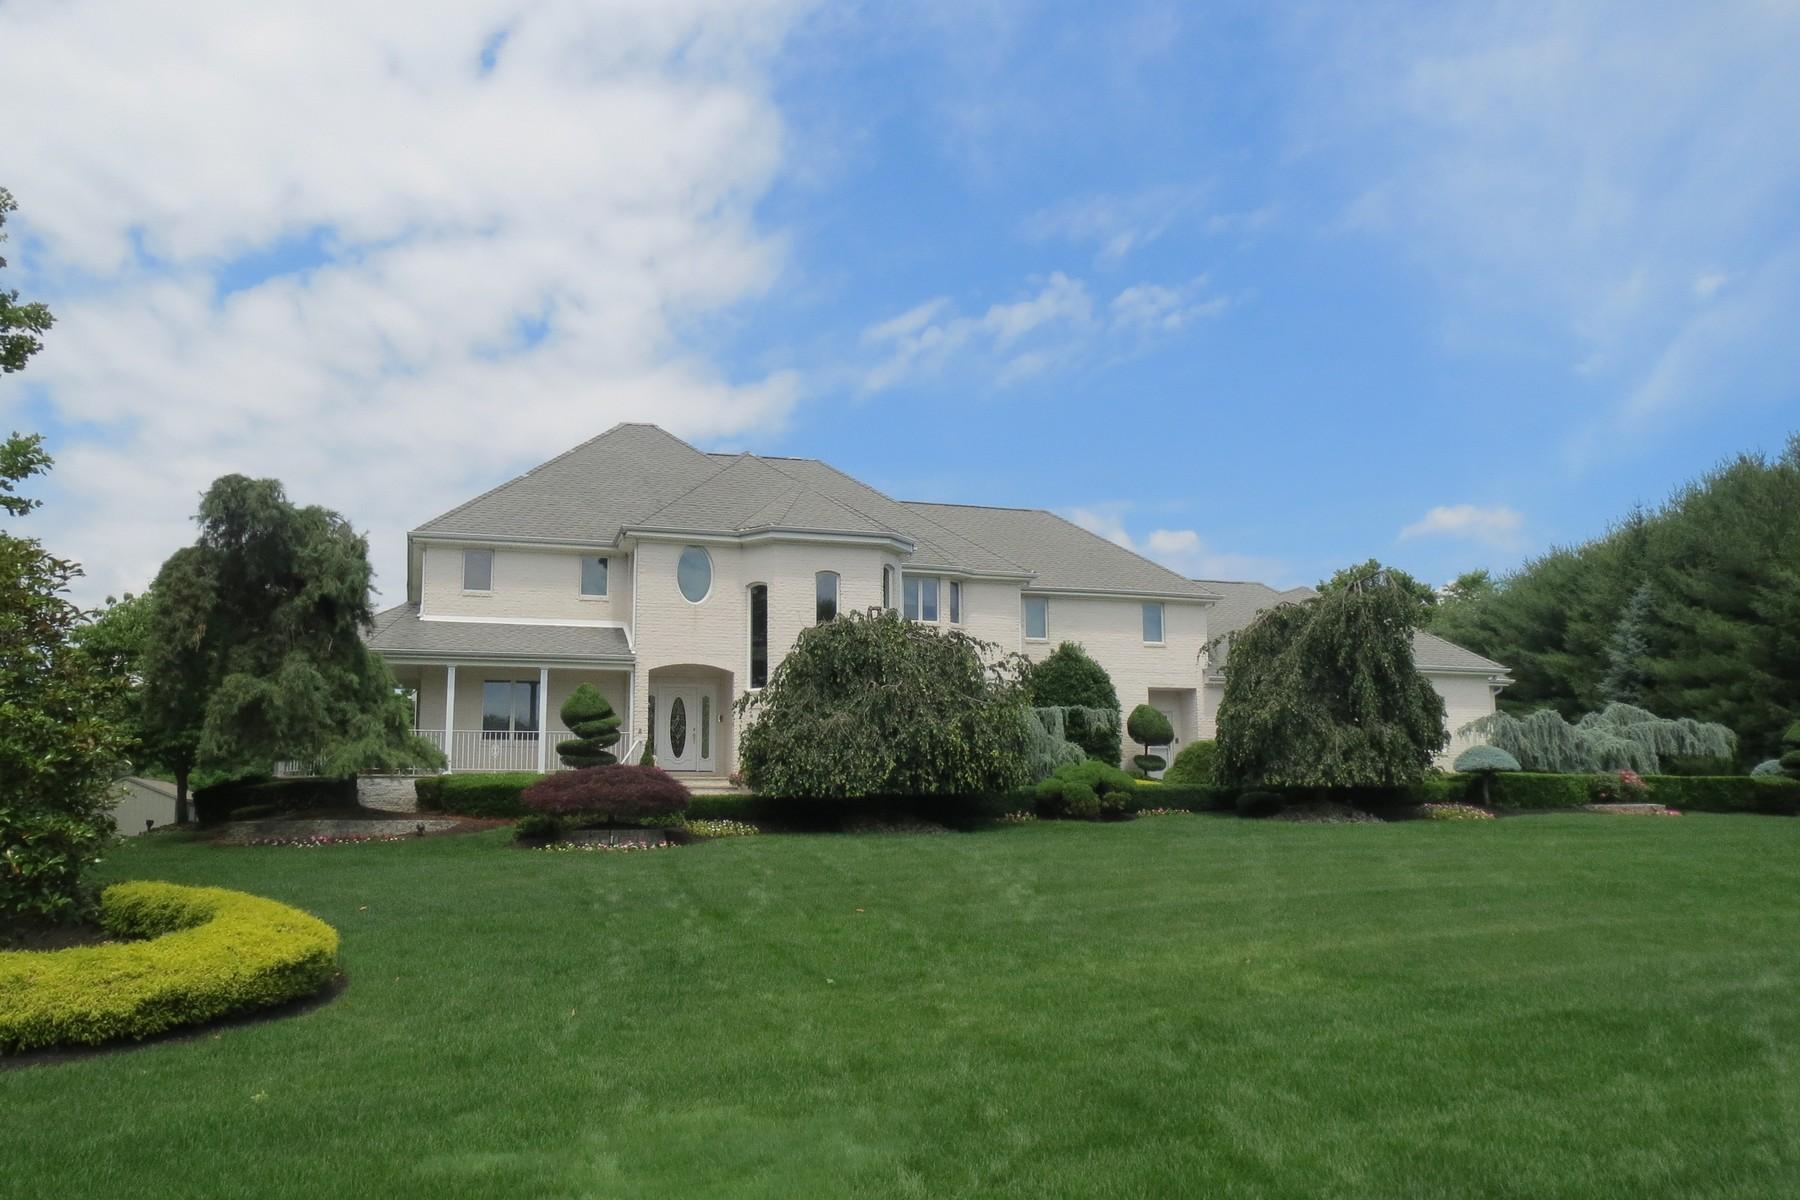 Nhà ở một gia đình vì Bán tại 48 Rivers Edge 48 Rivers Edge Drive Colts Neck, New Jersey 07722 Hoa Kỳ